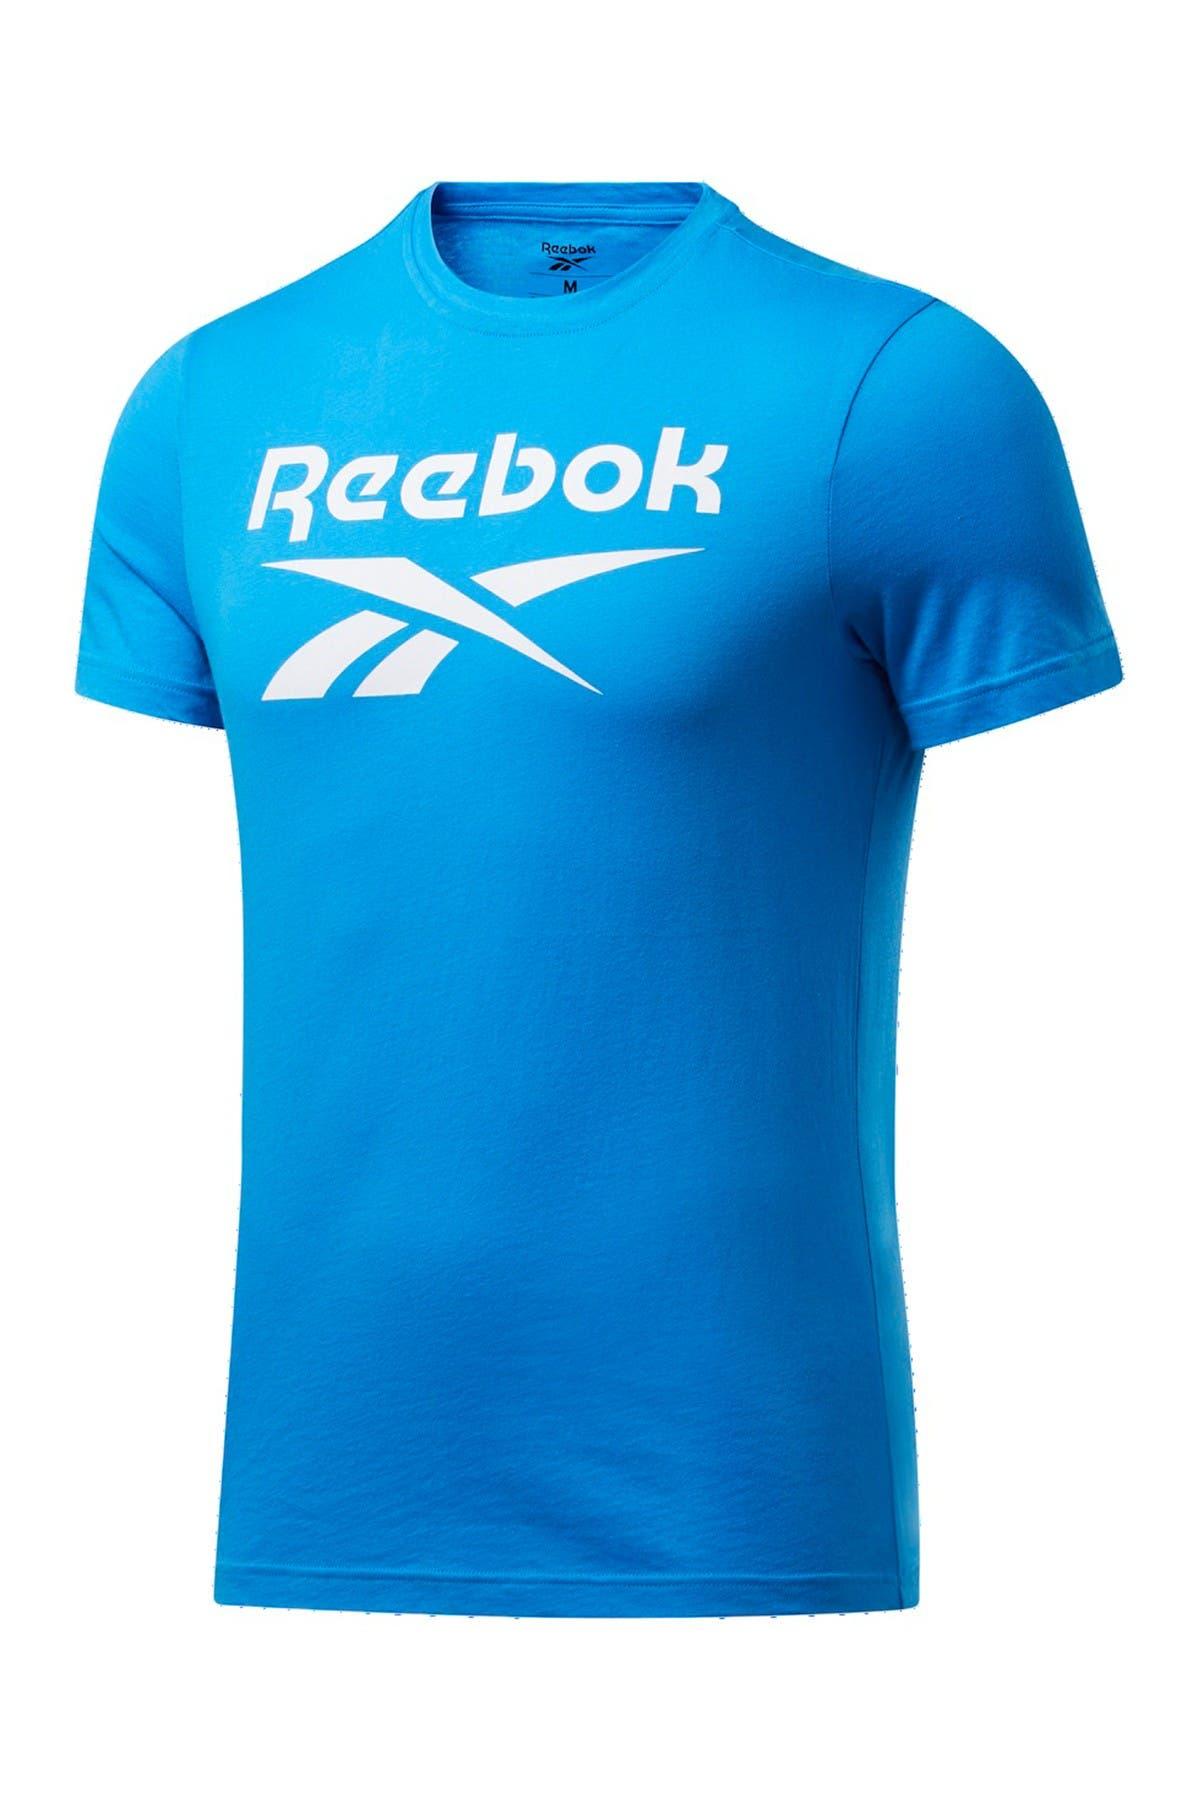 Image of Reebok Graphic Logo T-Shirt